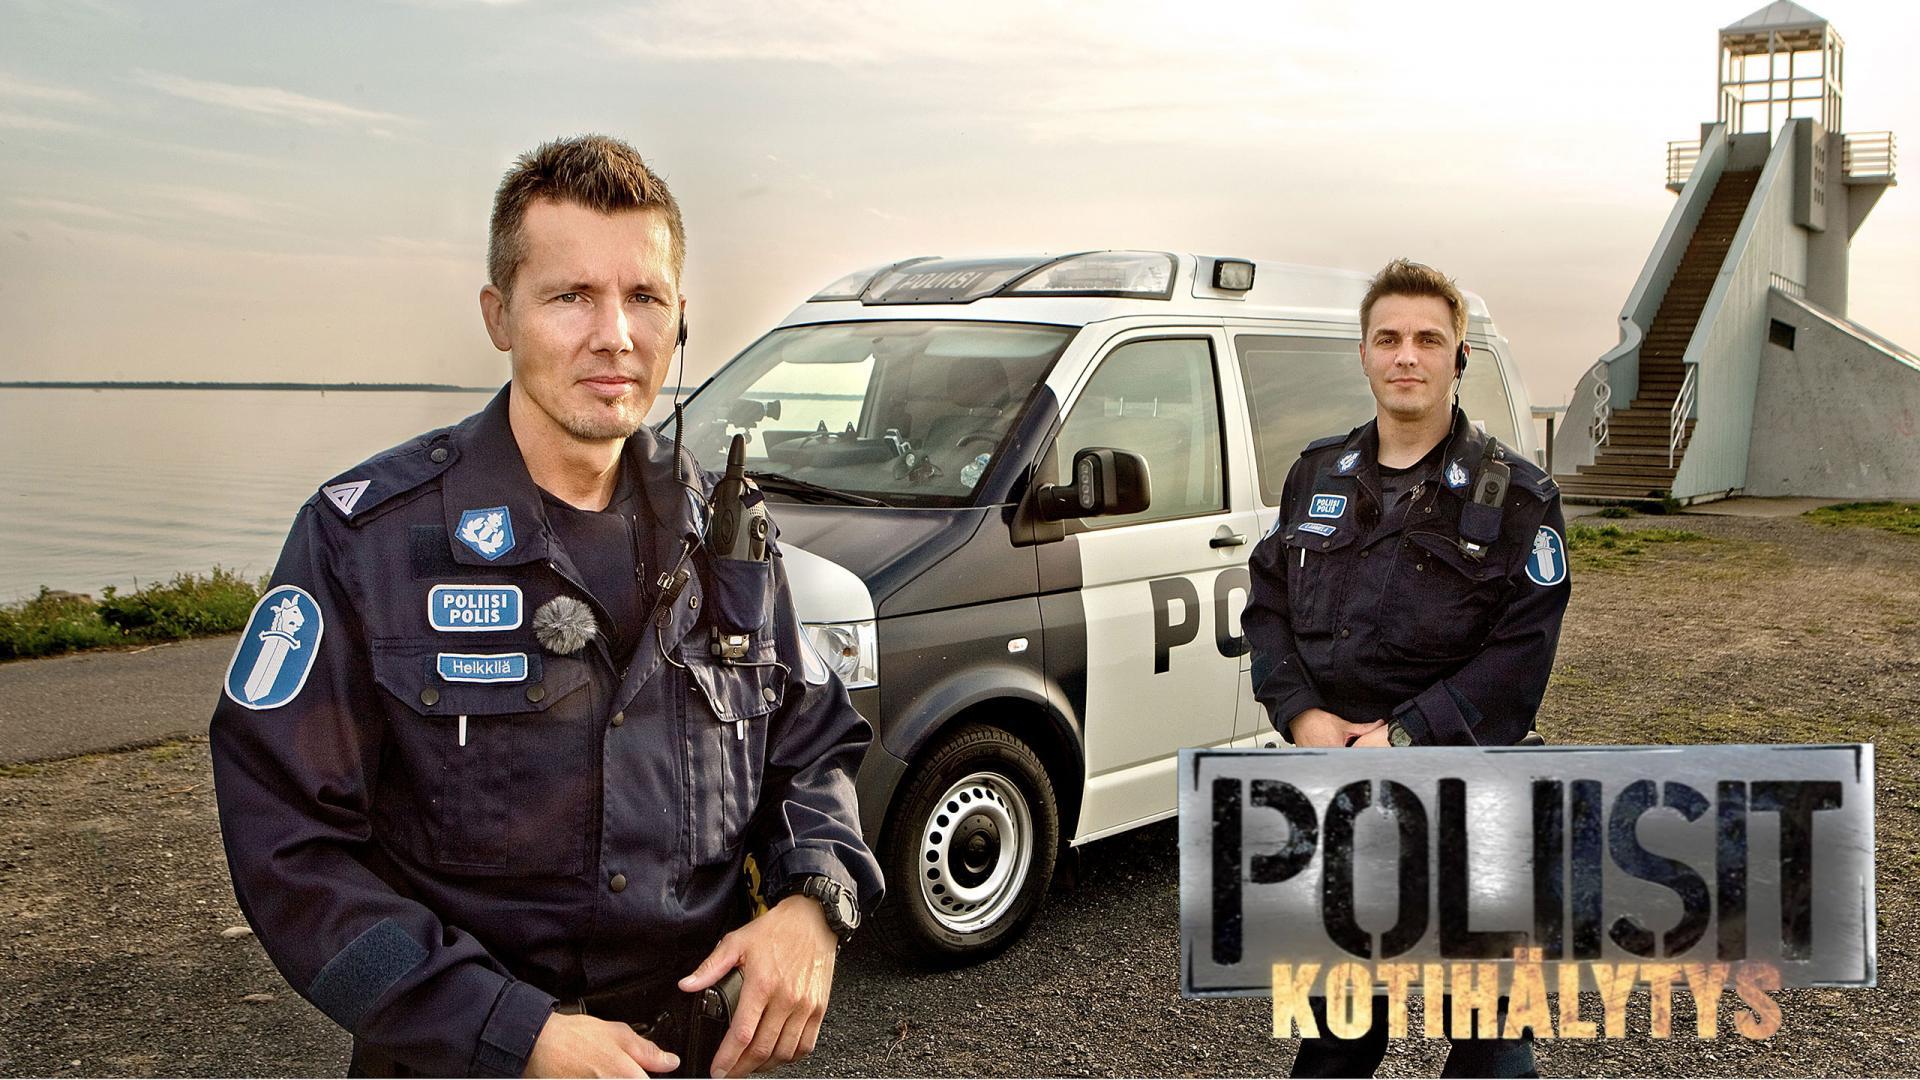 Poliisit Kotihälytys Kausi 5